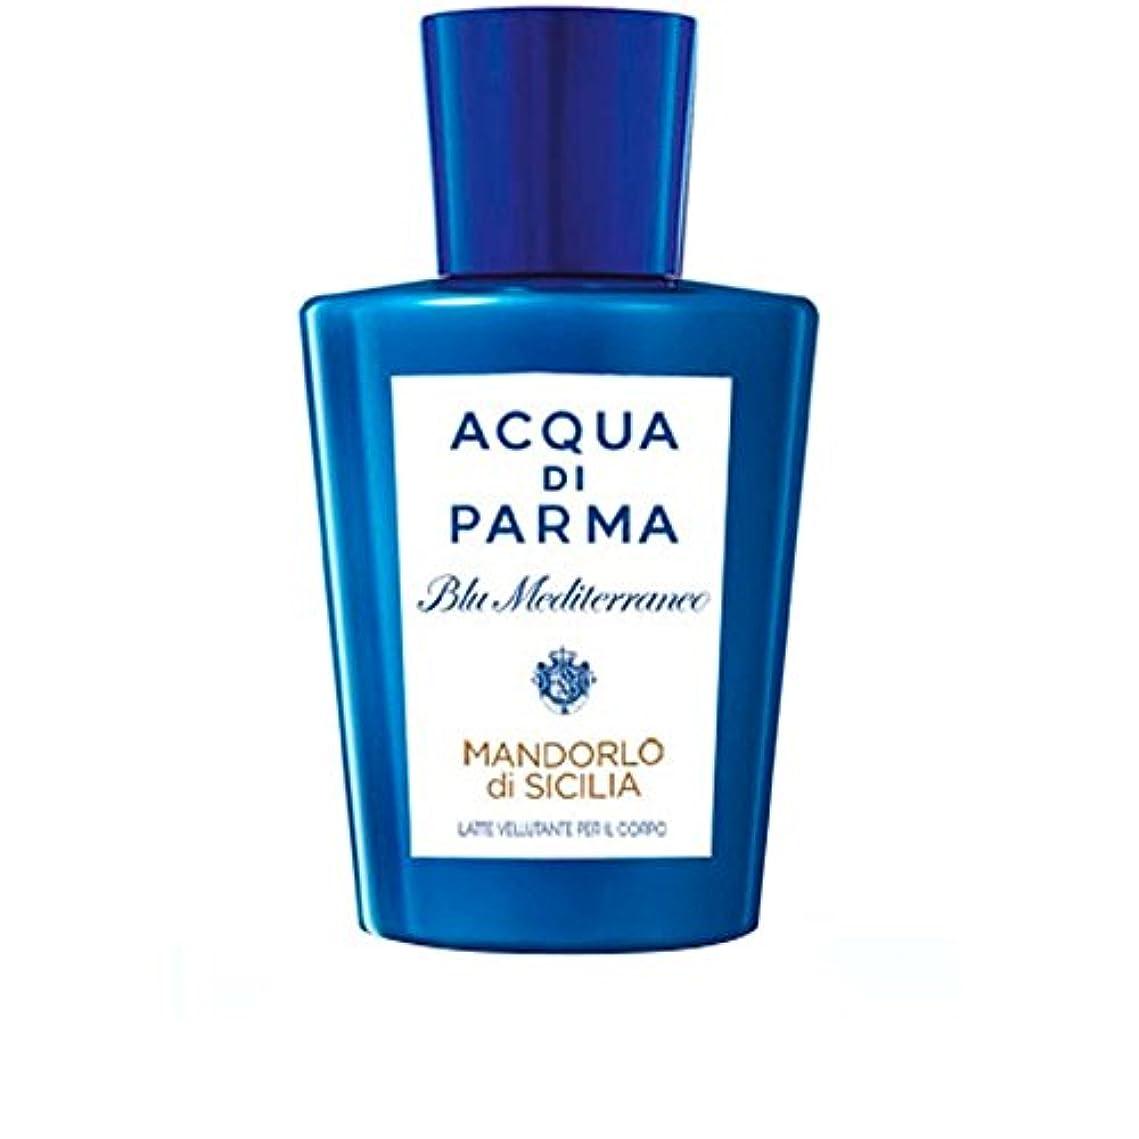 運命製品豊富にAcqua Di Parma Mandorlo Di Sicilia Pampering Body Lotion 200ml (Pack of 6) - アクアディパルママンドルロ?ディ?シチリア至福のボディローション200 x6 [並行輸入品]